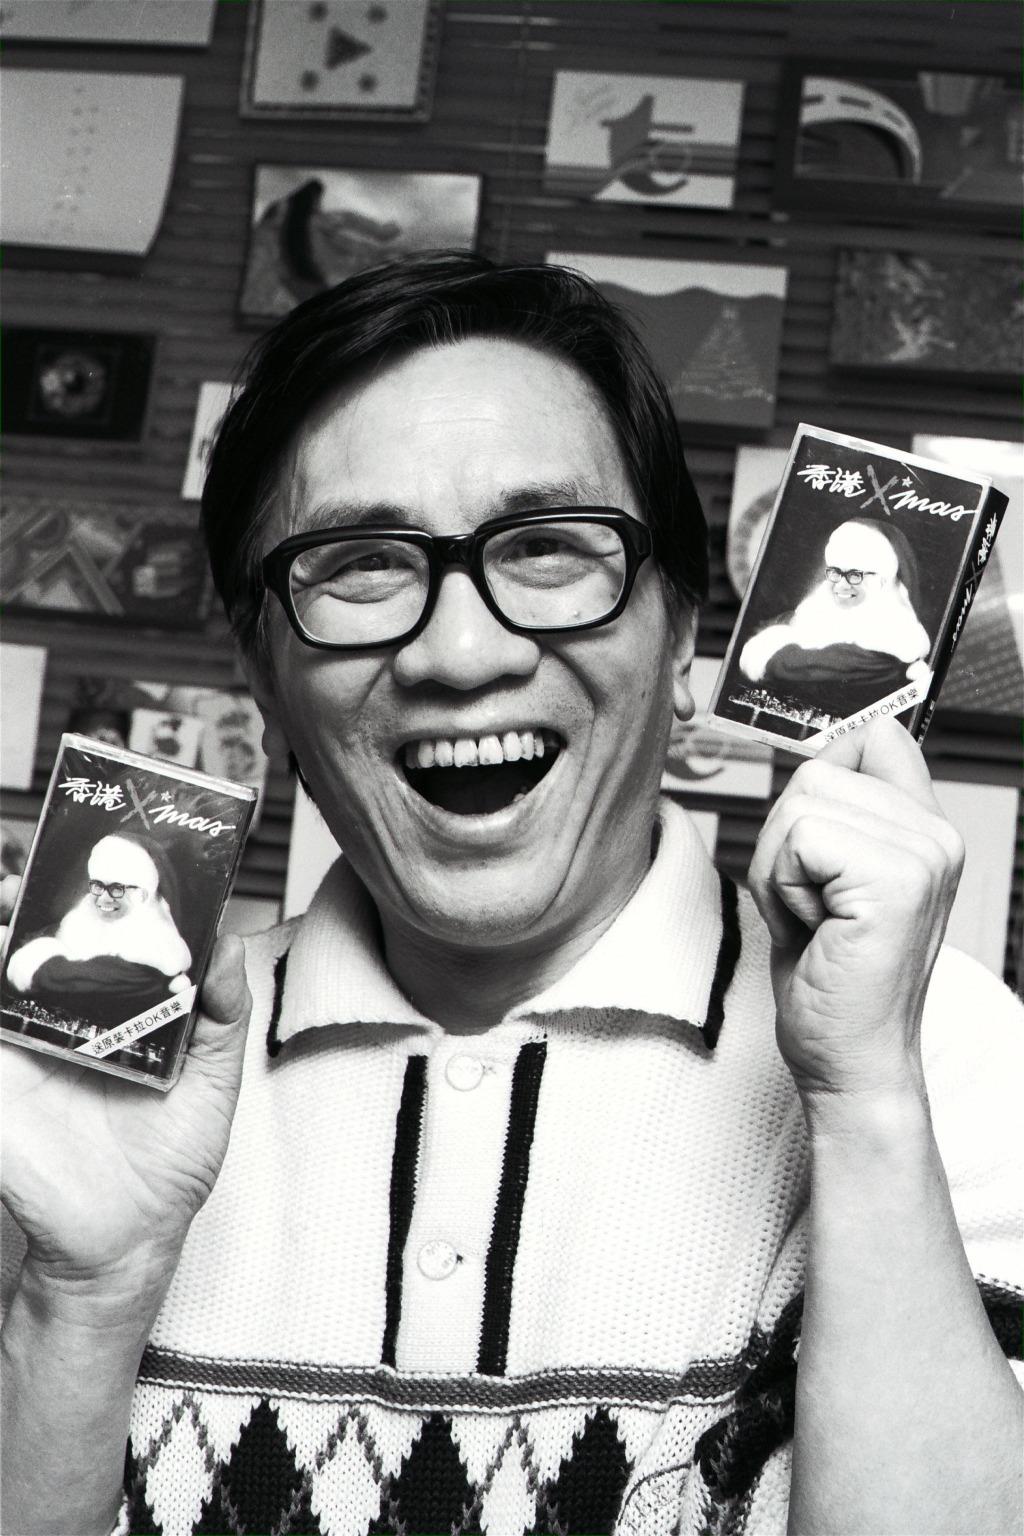 當代中國-飛凡香港-黃霑《滄海一聲笑》 歌詞是他的寫照?